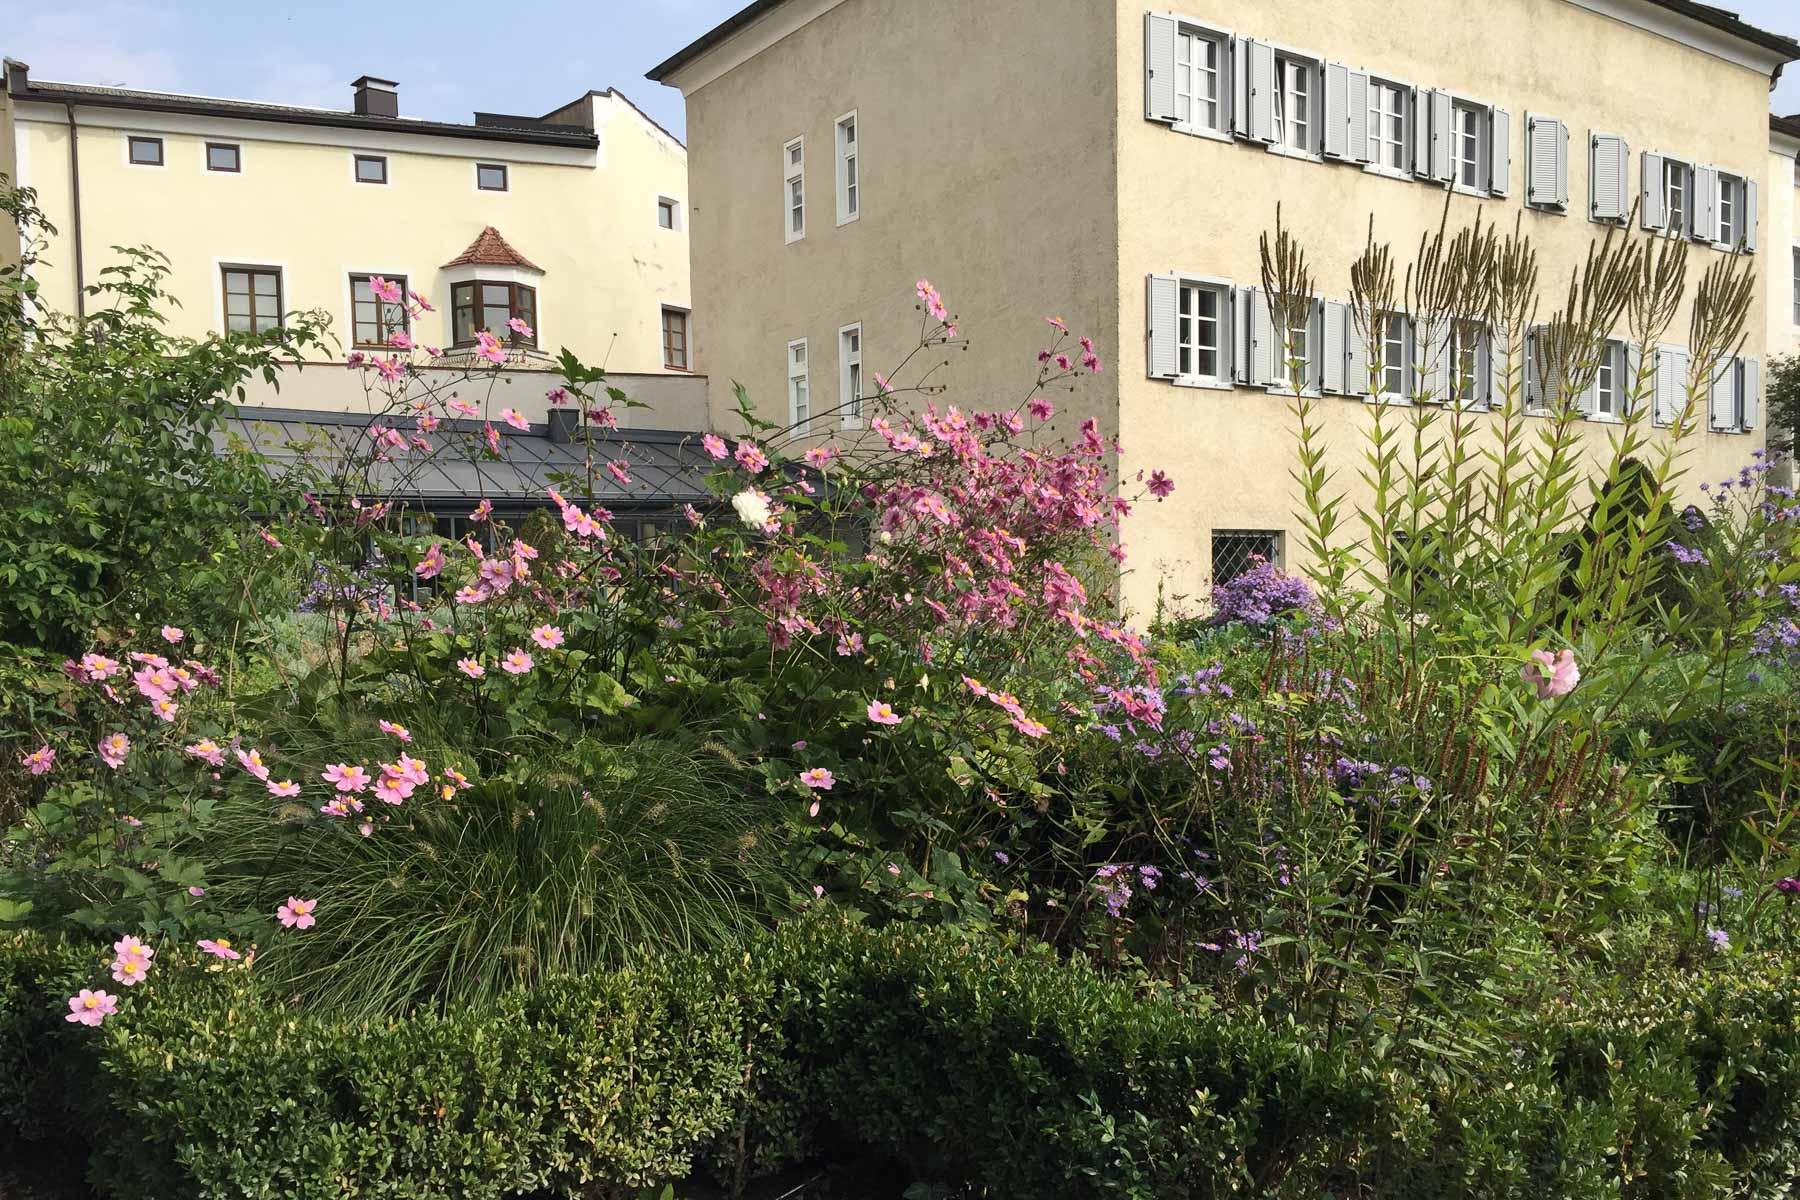 Herbstliche Bepflanzung im Hofgarten von Brixen